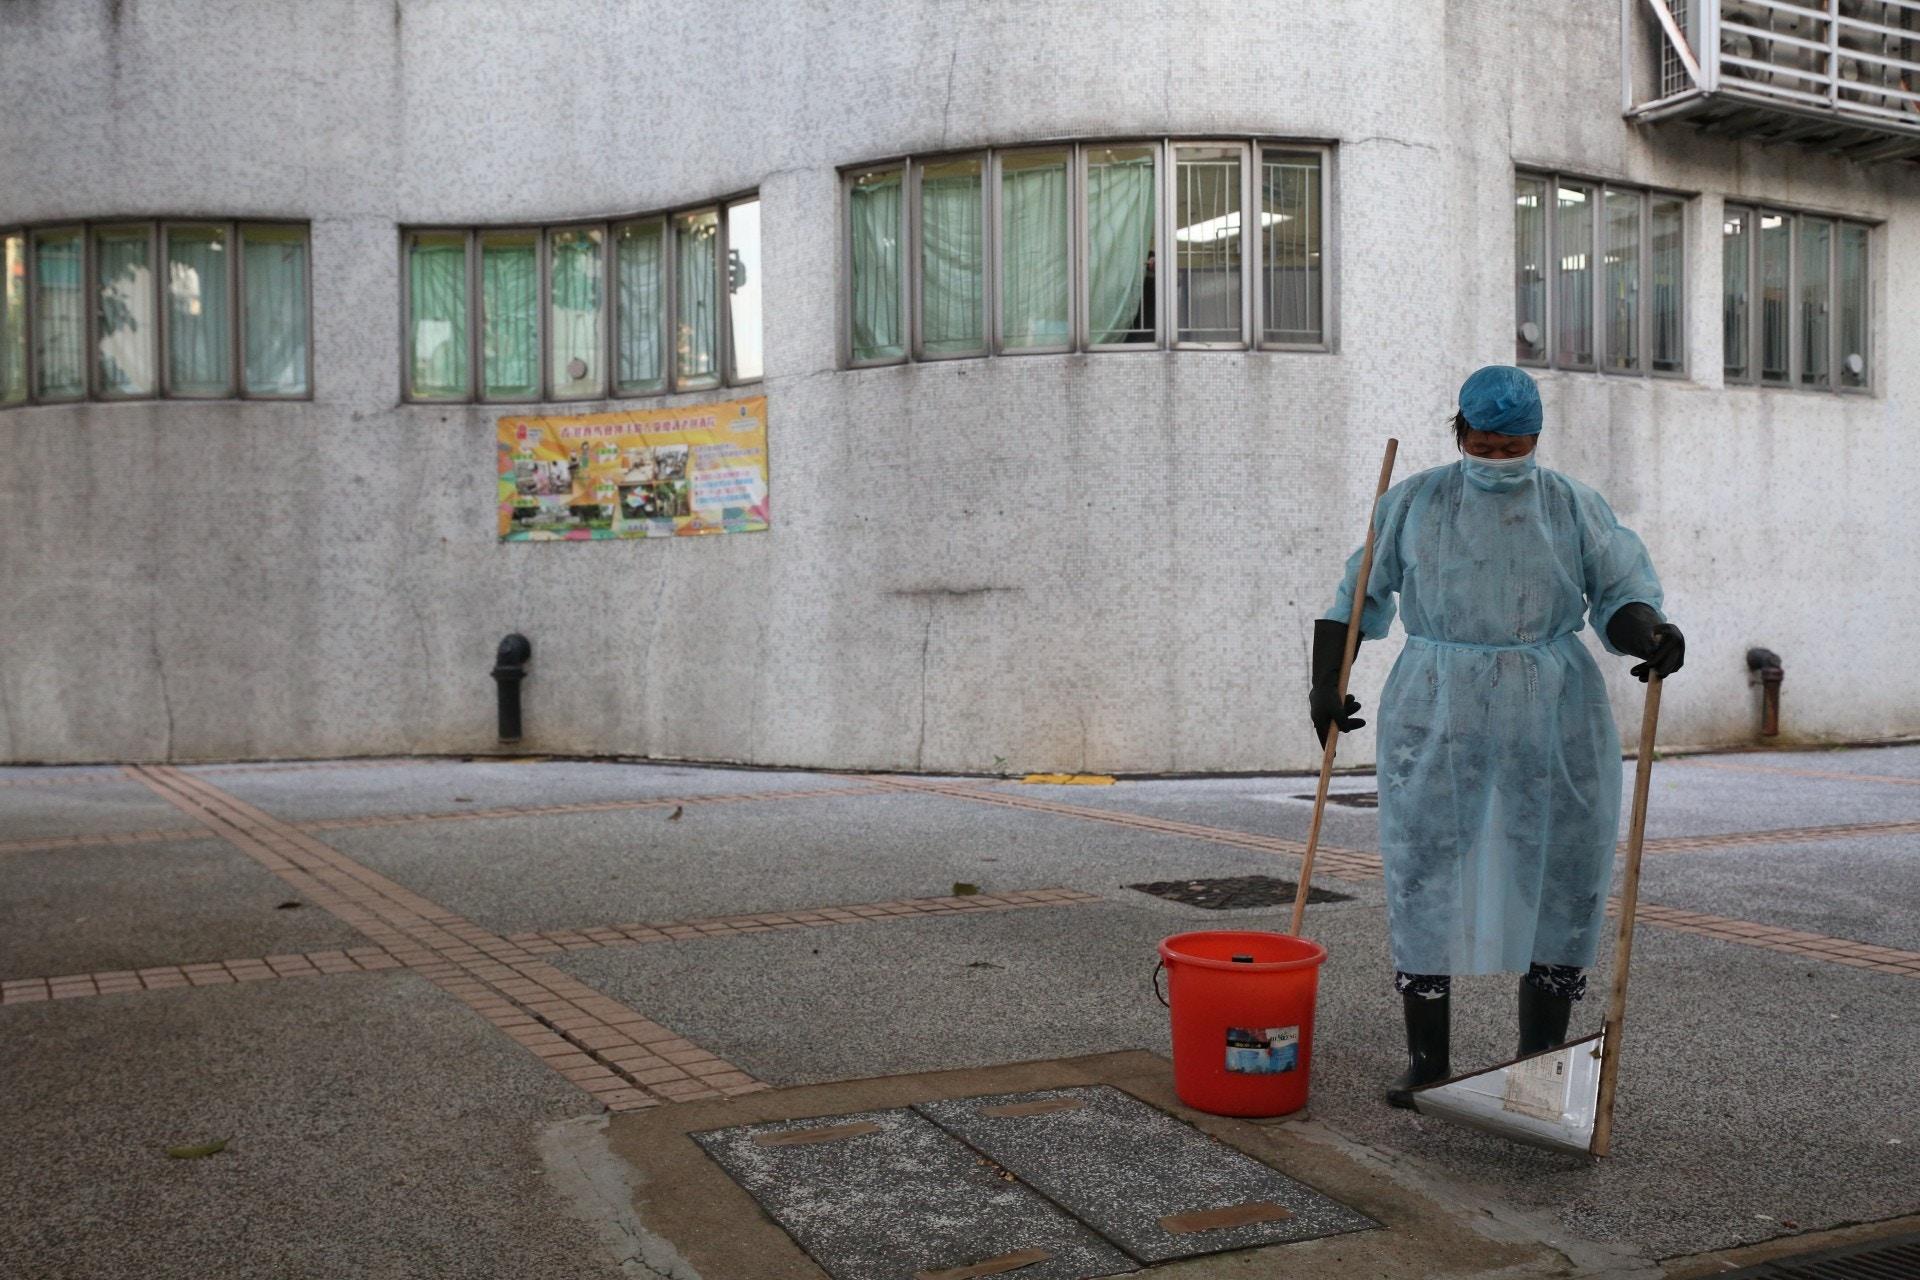 新冠肺炎 康文署外判清潔工確診 負責樂富遊樂場、周日最後上班 香港01 社會新聞